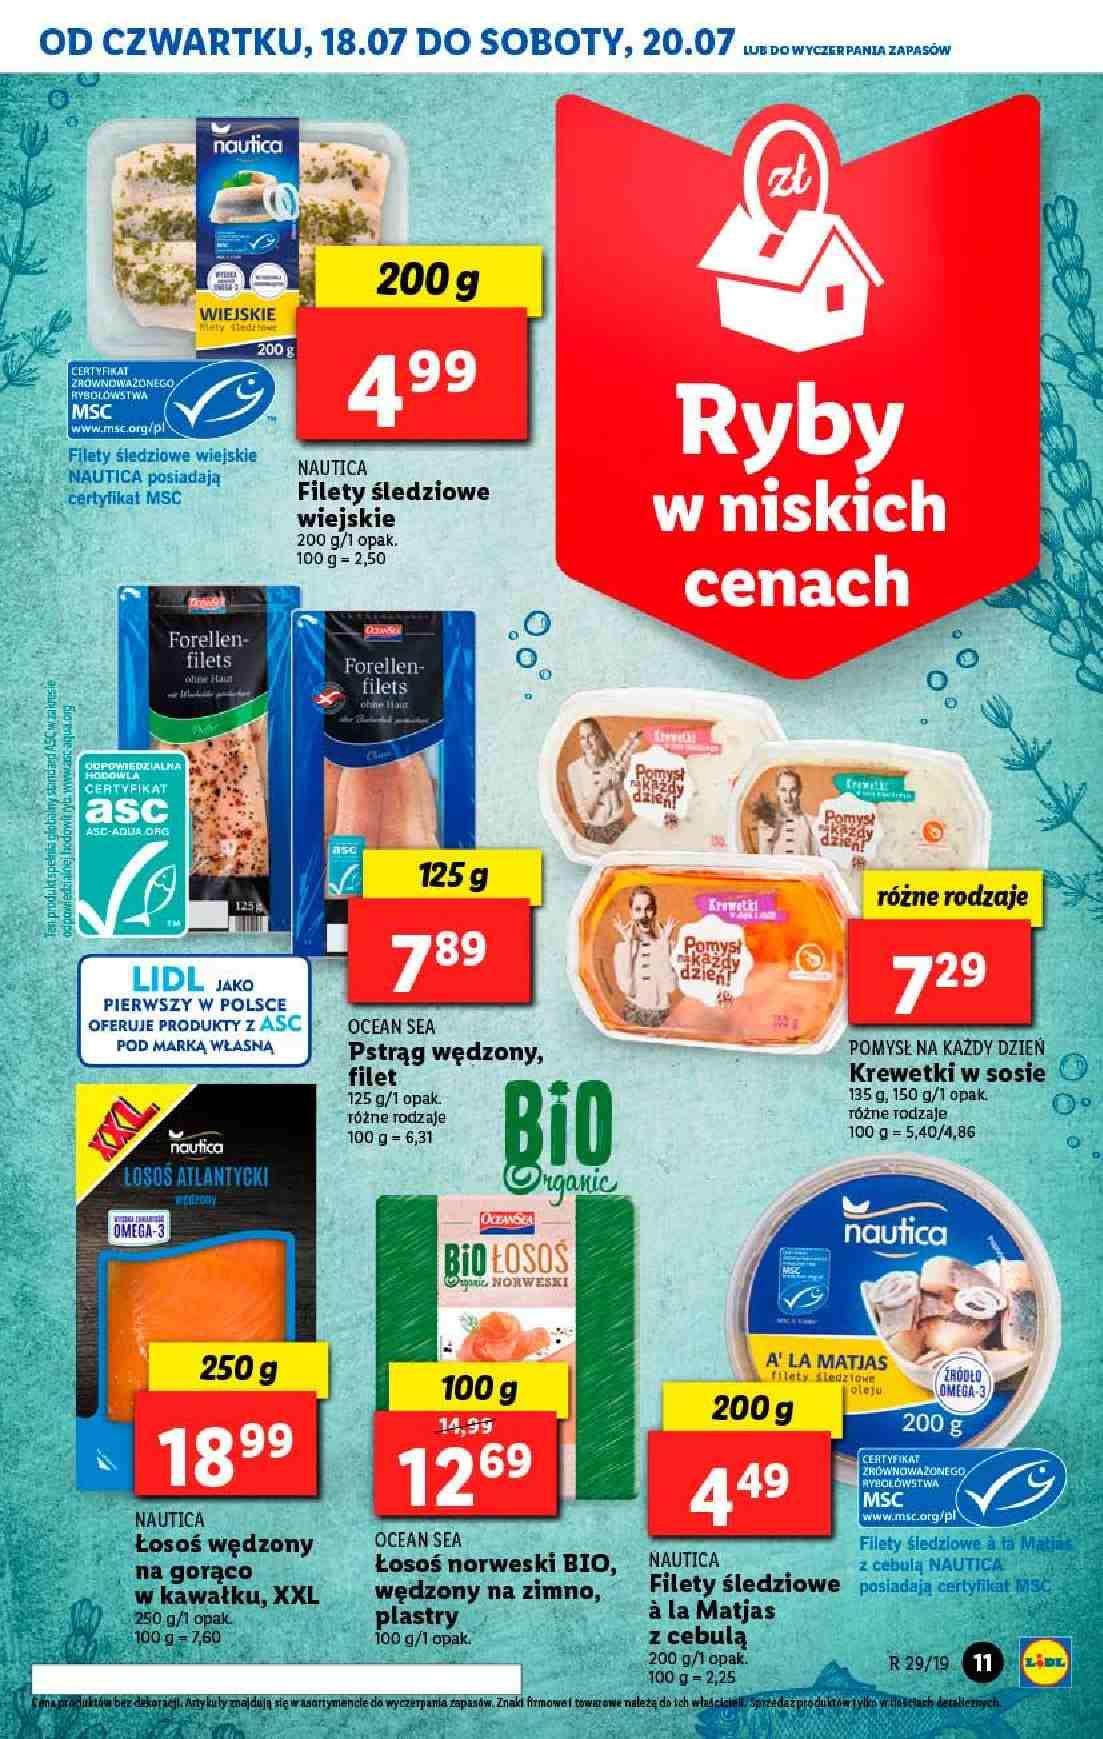 Gazetka promocyjna Lidl do 20/07/2019 str.11